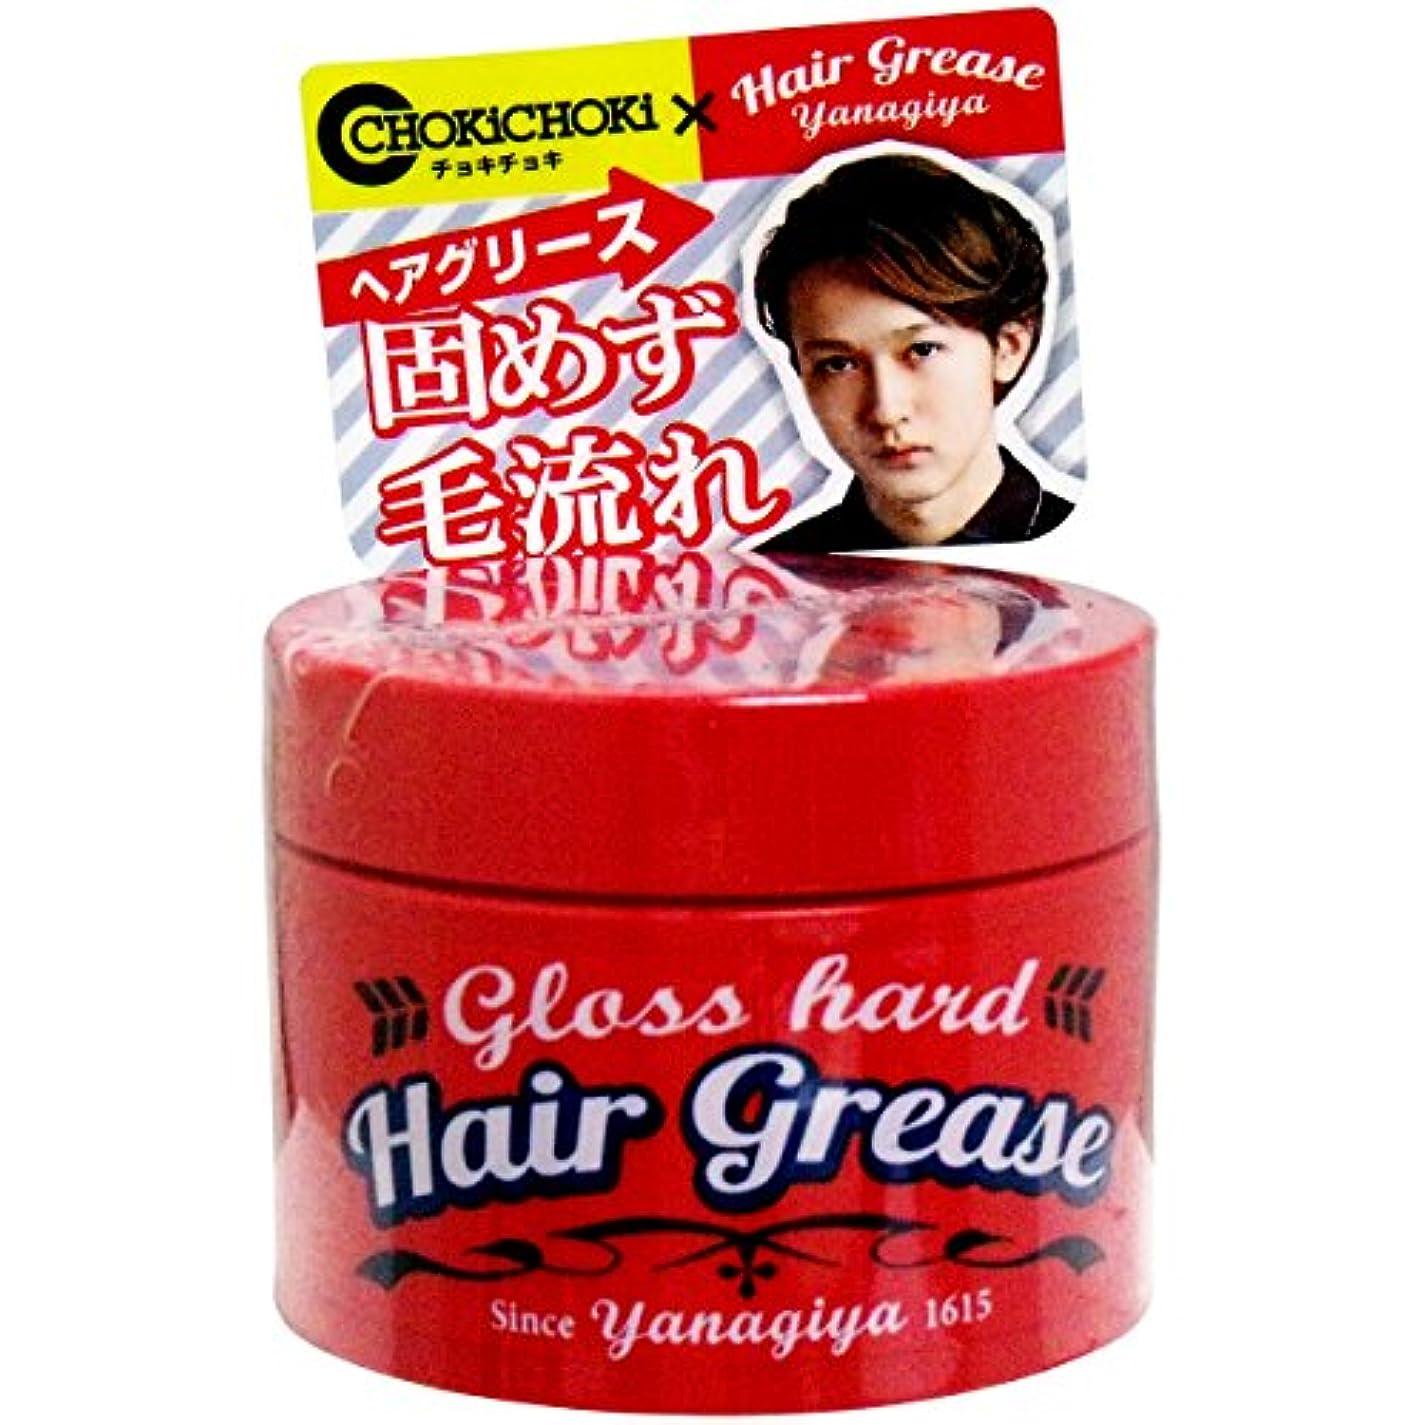 オーナメントフラップ地理ヘアワックス 固めず毛流れ 使いやすい YANAGIYA ヘアグリース グロスハード 90g入【1個セット】